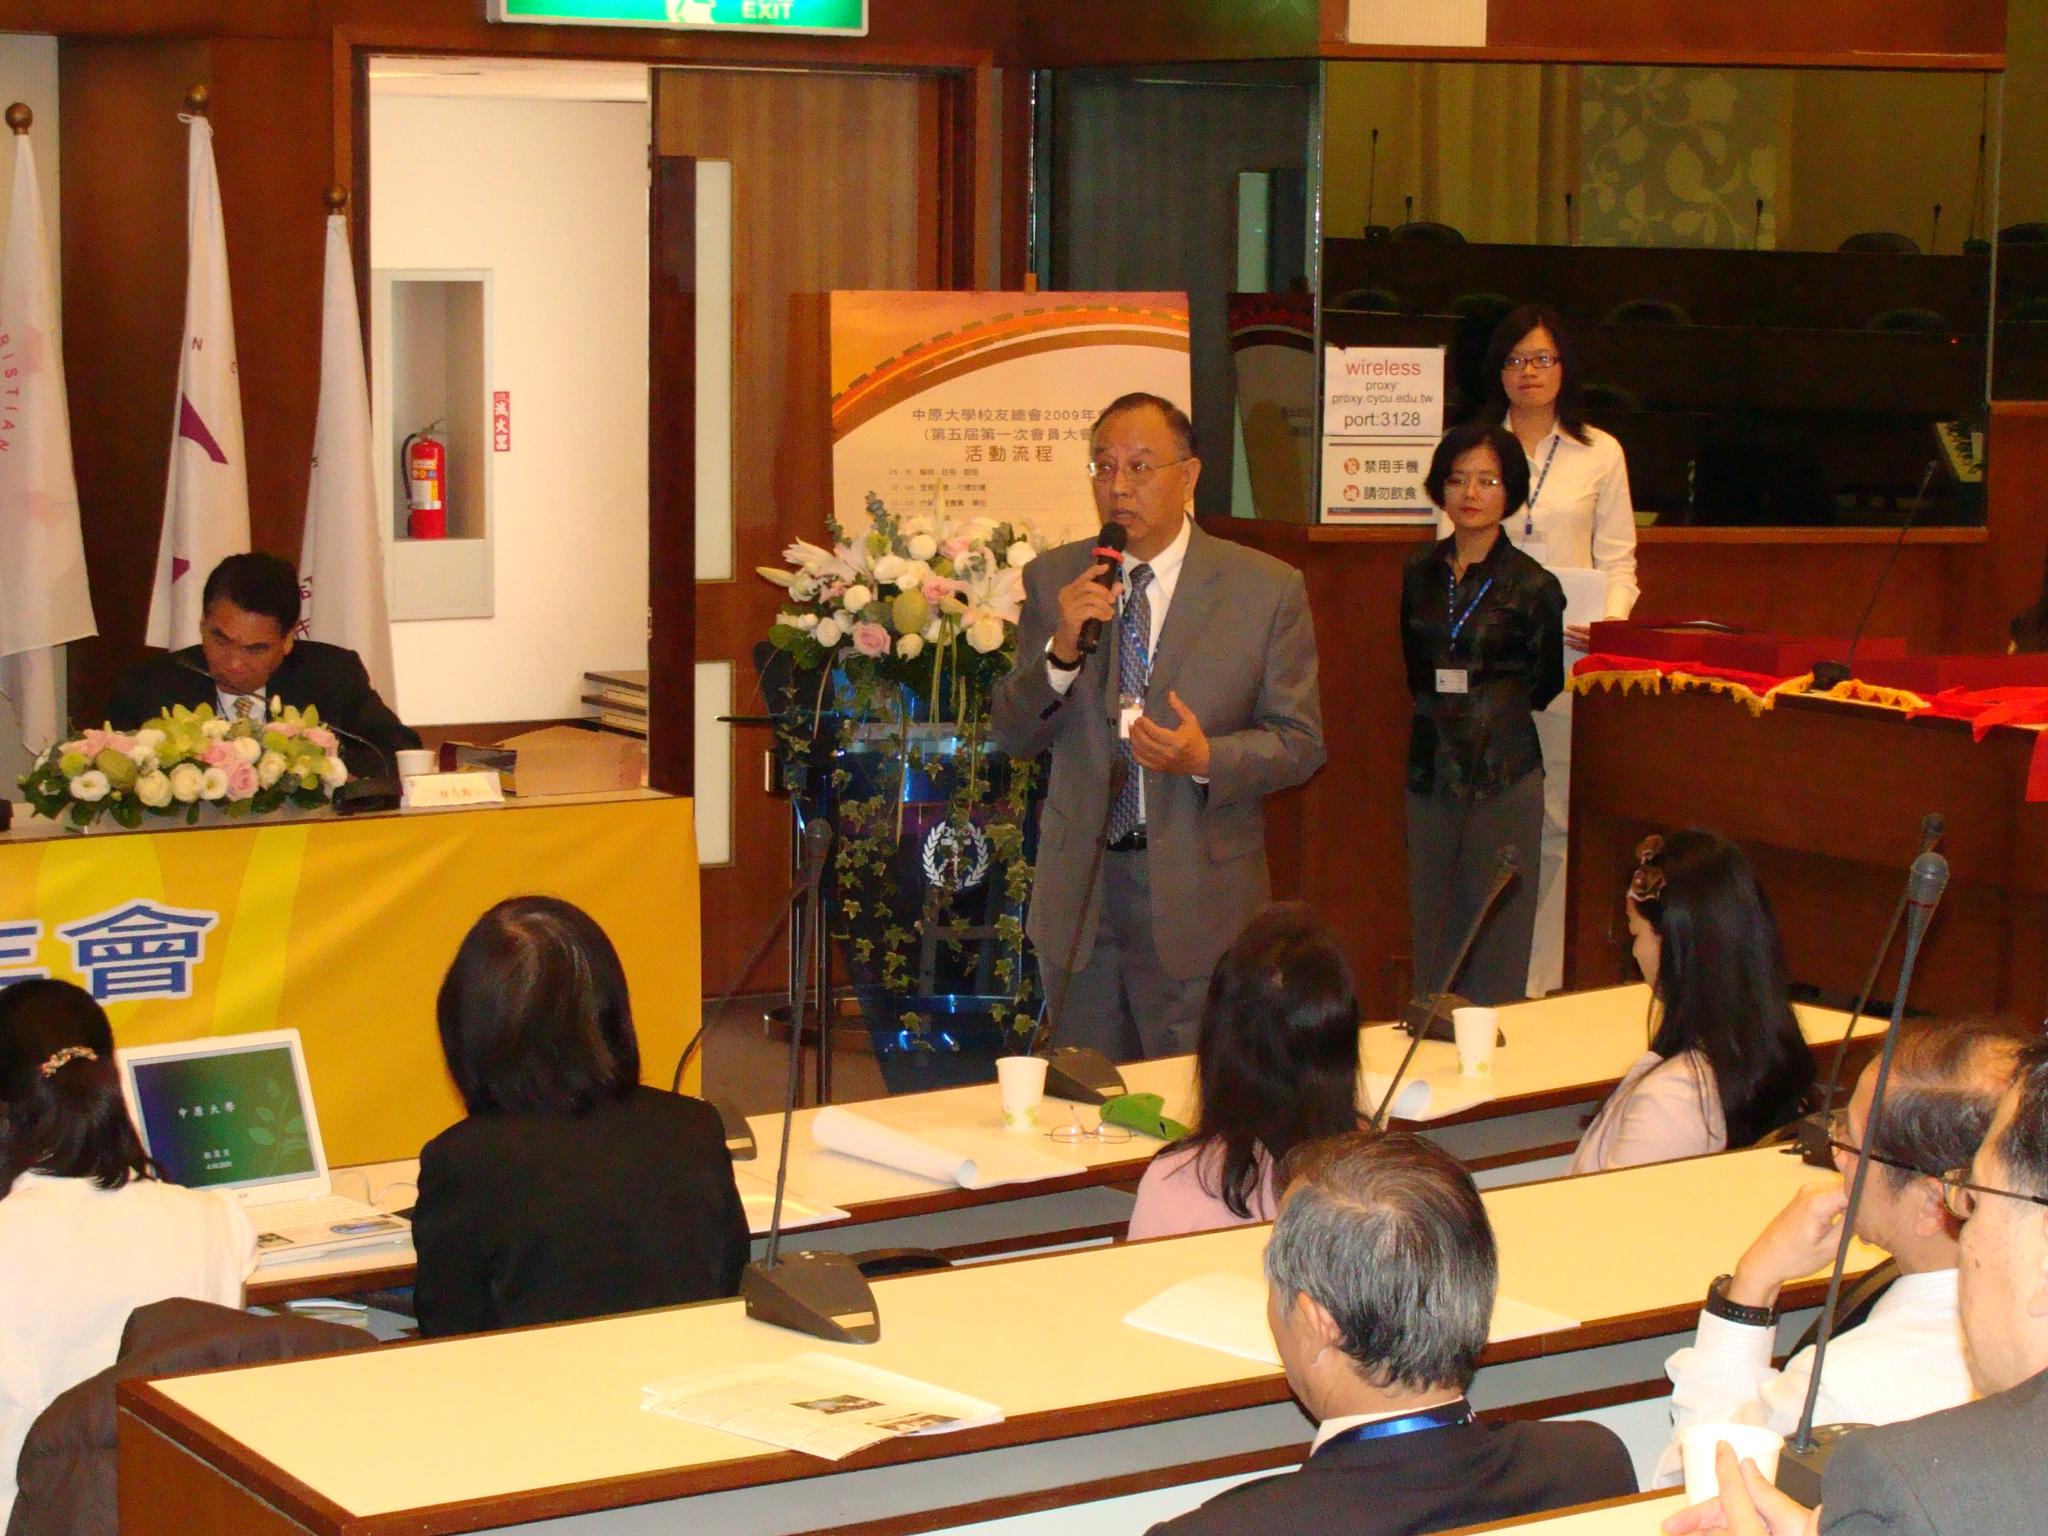 校友總會2009年會 支持母校興建聯合行政服務大樓